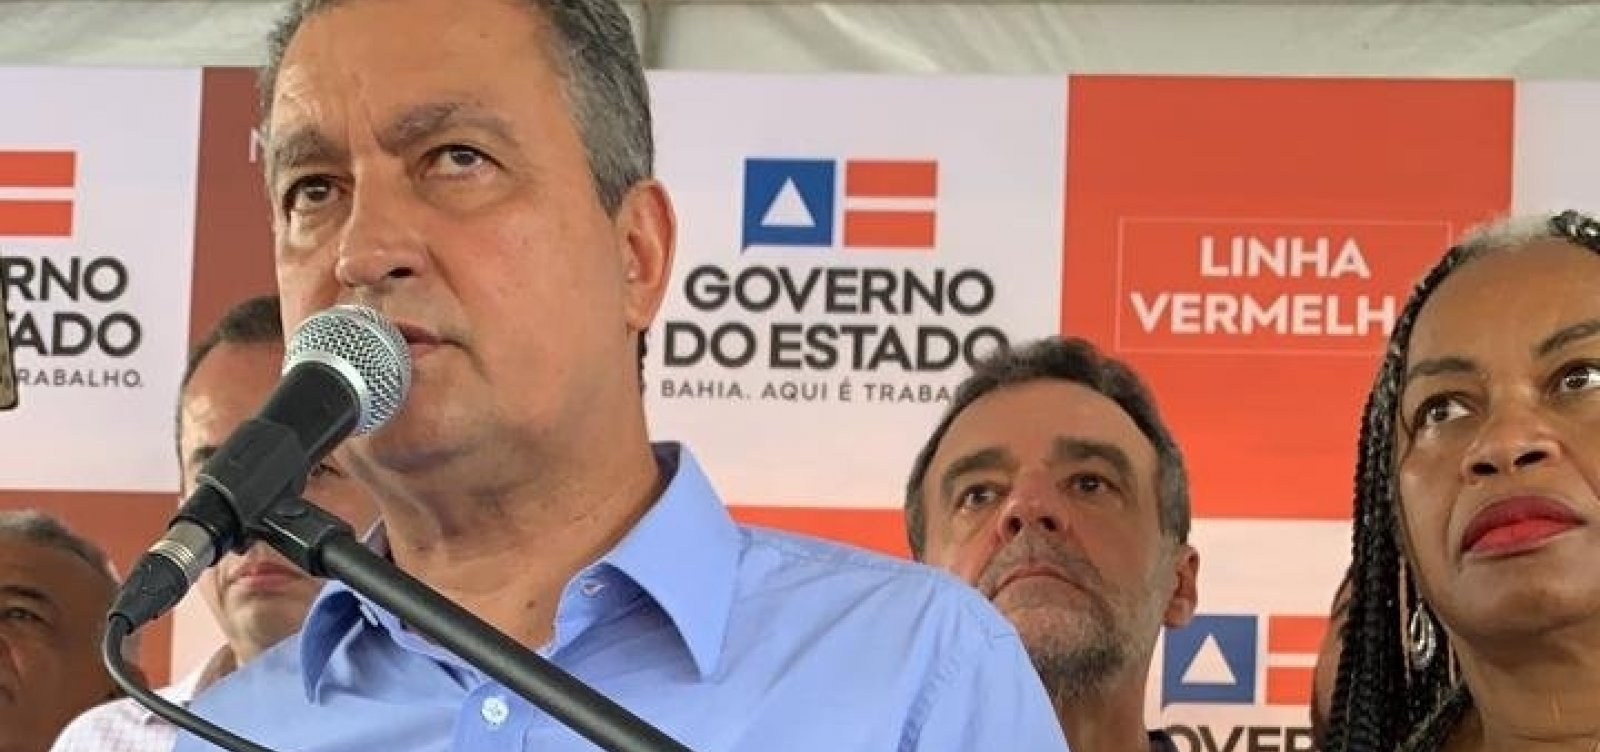 Detran terá novo modelo de gestão, diz governador